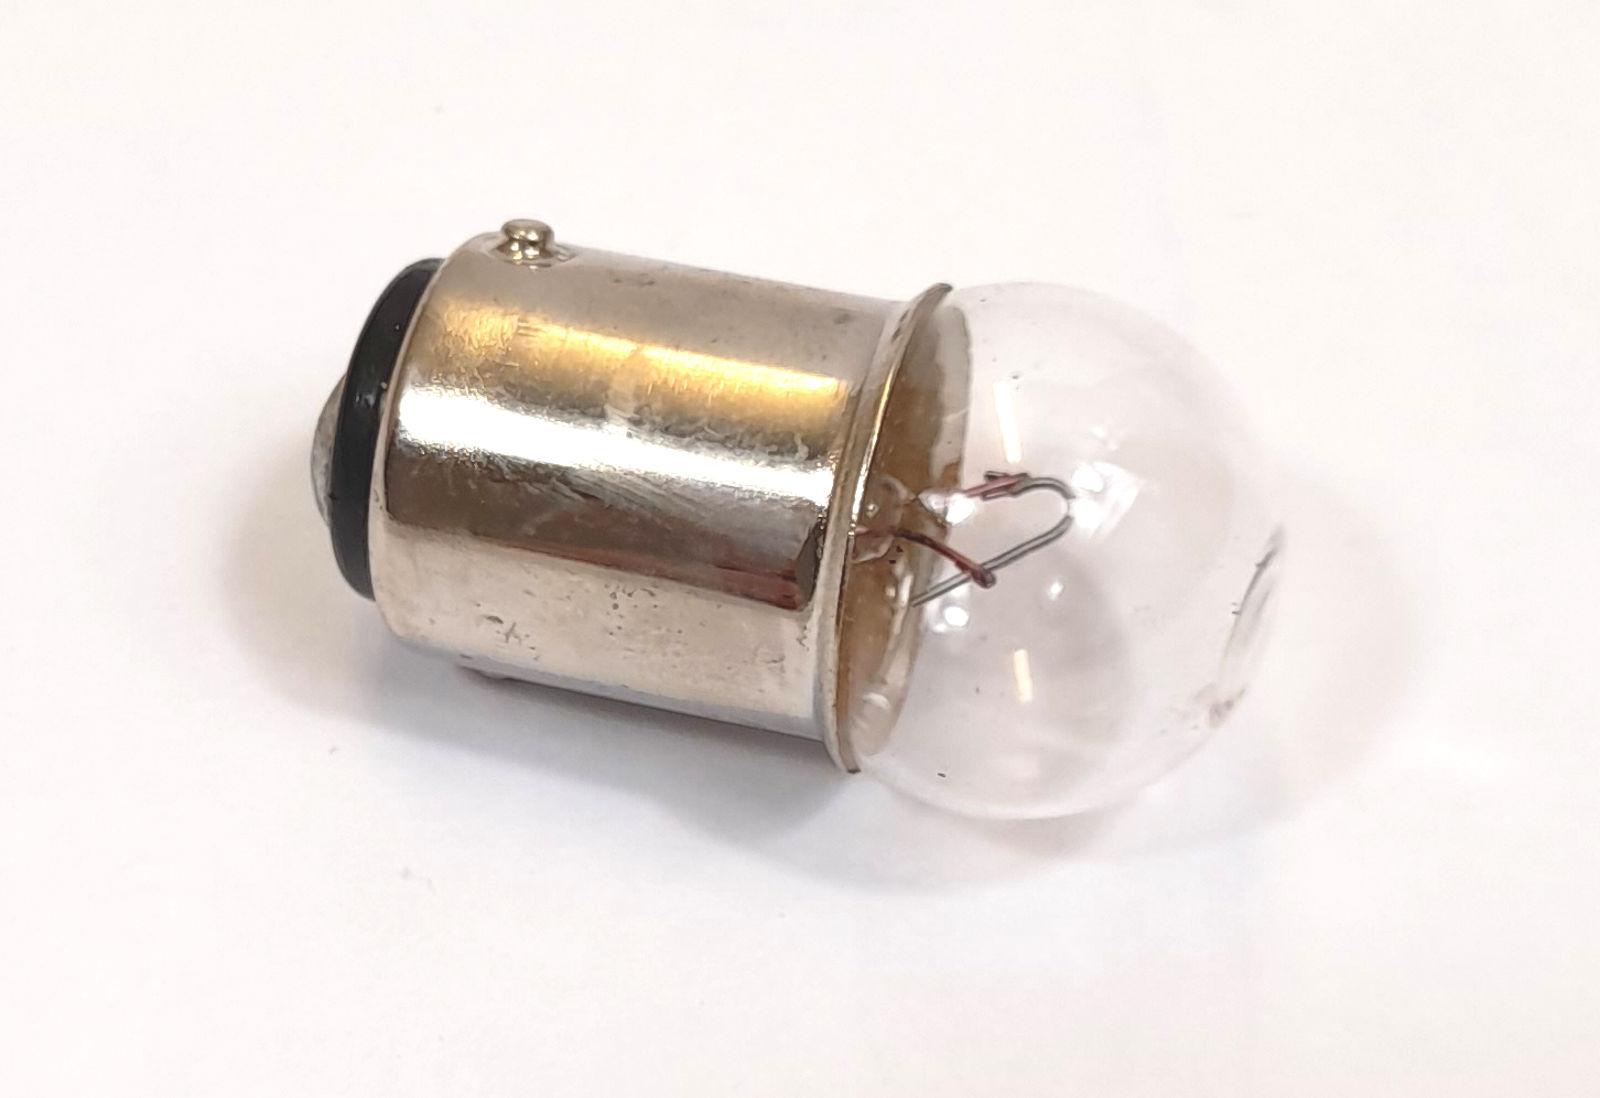 12V 10watt Twin Contact Bulb